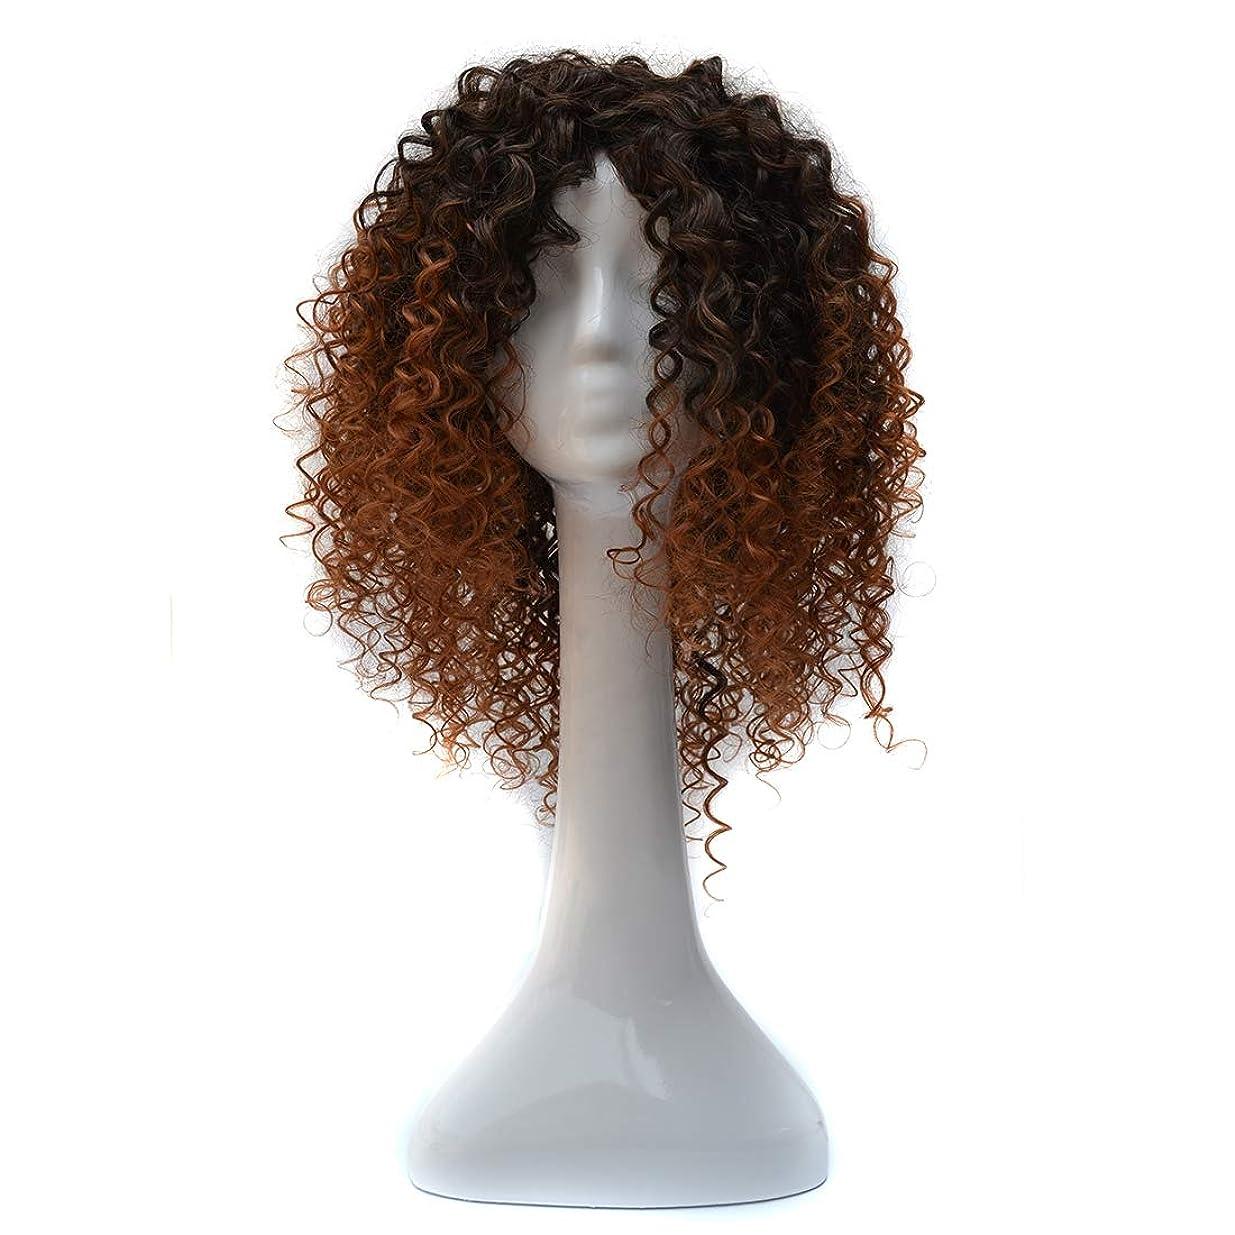 ピグマリオンジャーナル効果的WTYD 美容ヘアツール T191006女性のための短いと小さなカーリーヘアのヨーロッパとアメリカのブラックグラデーションライトブラウンウィッグヘッドギア